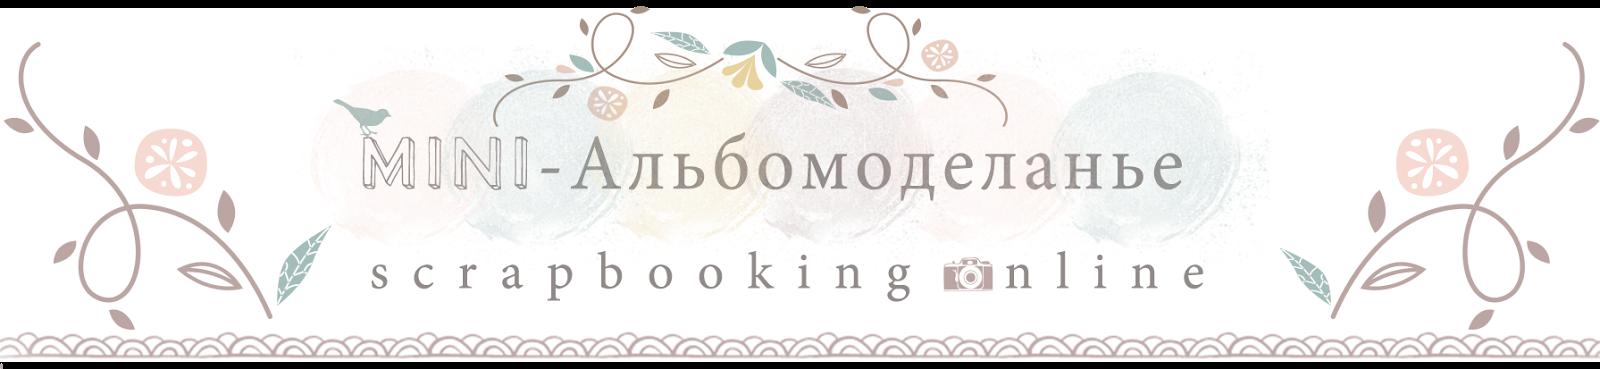 on-line курс MINI-Альбомоделание